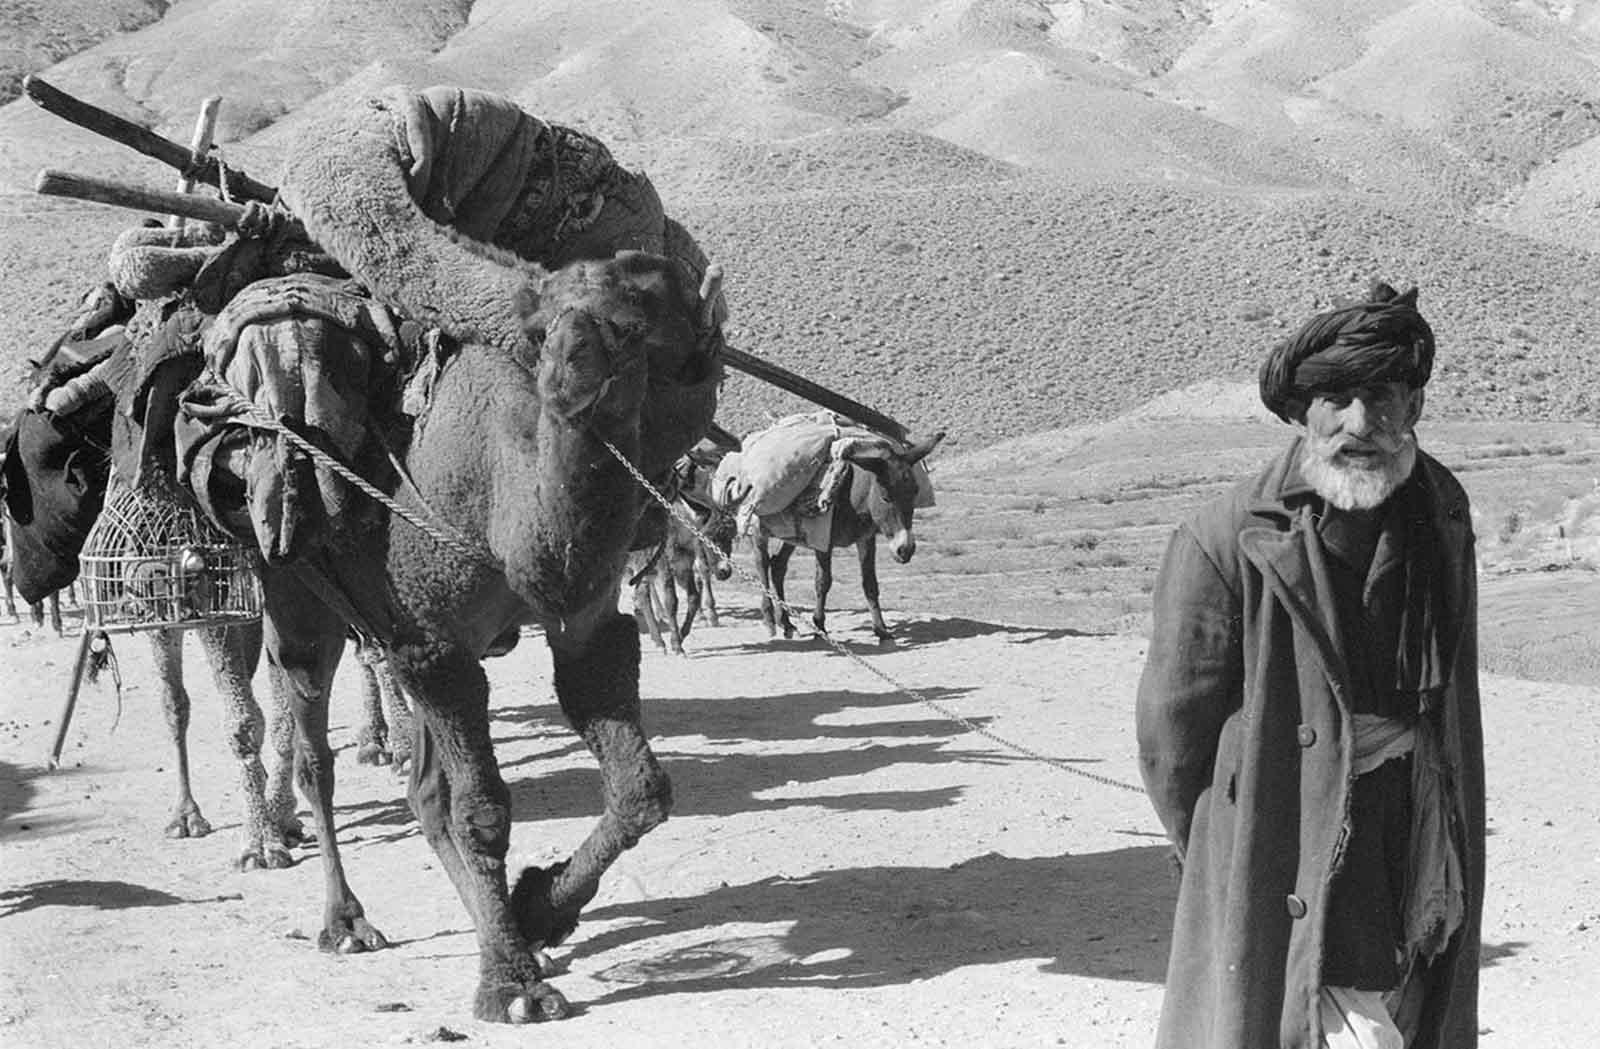 Un hombre afgano que lleva camellos y burros cargados a través de un paisaje árido y rocoso, en noviembre de 1959.